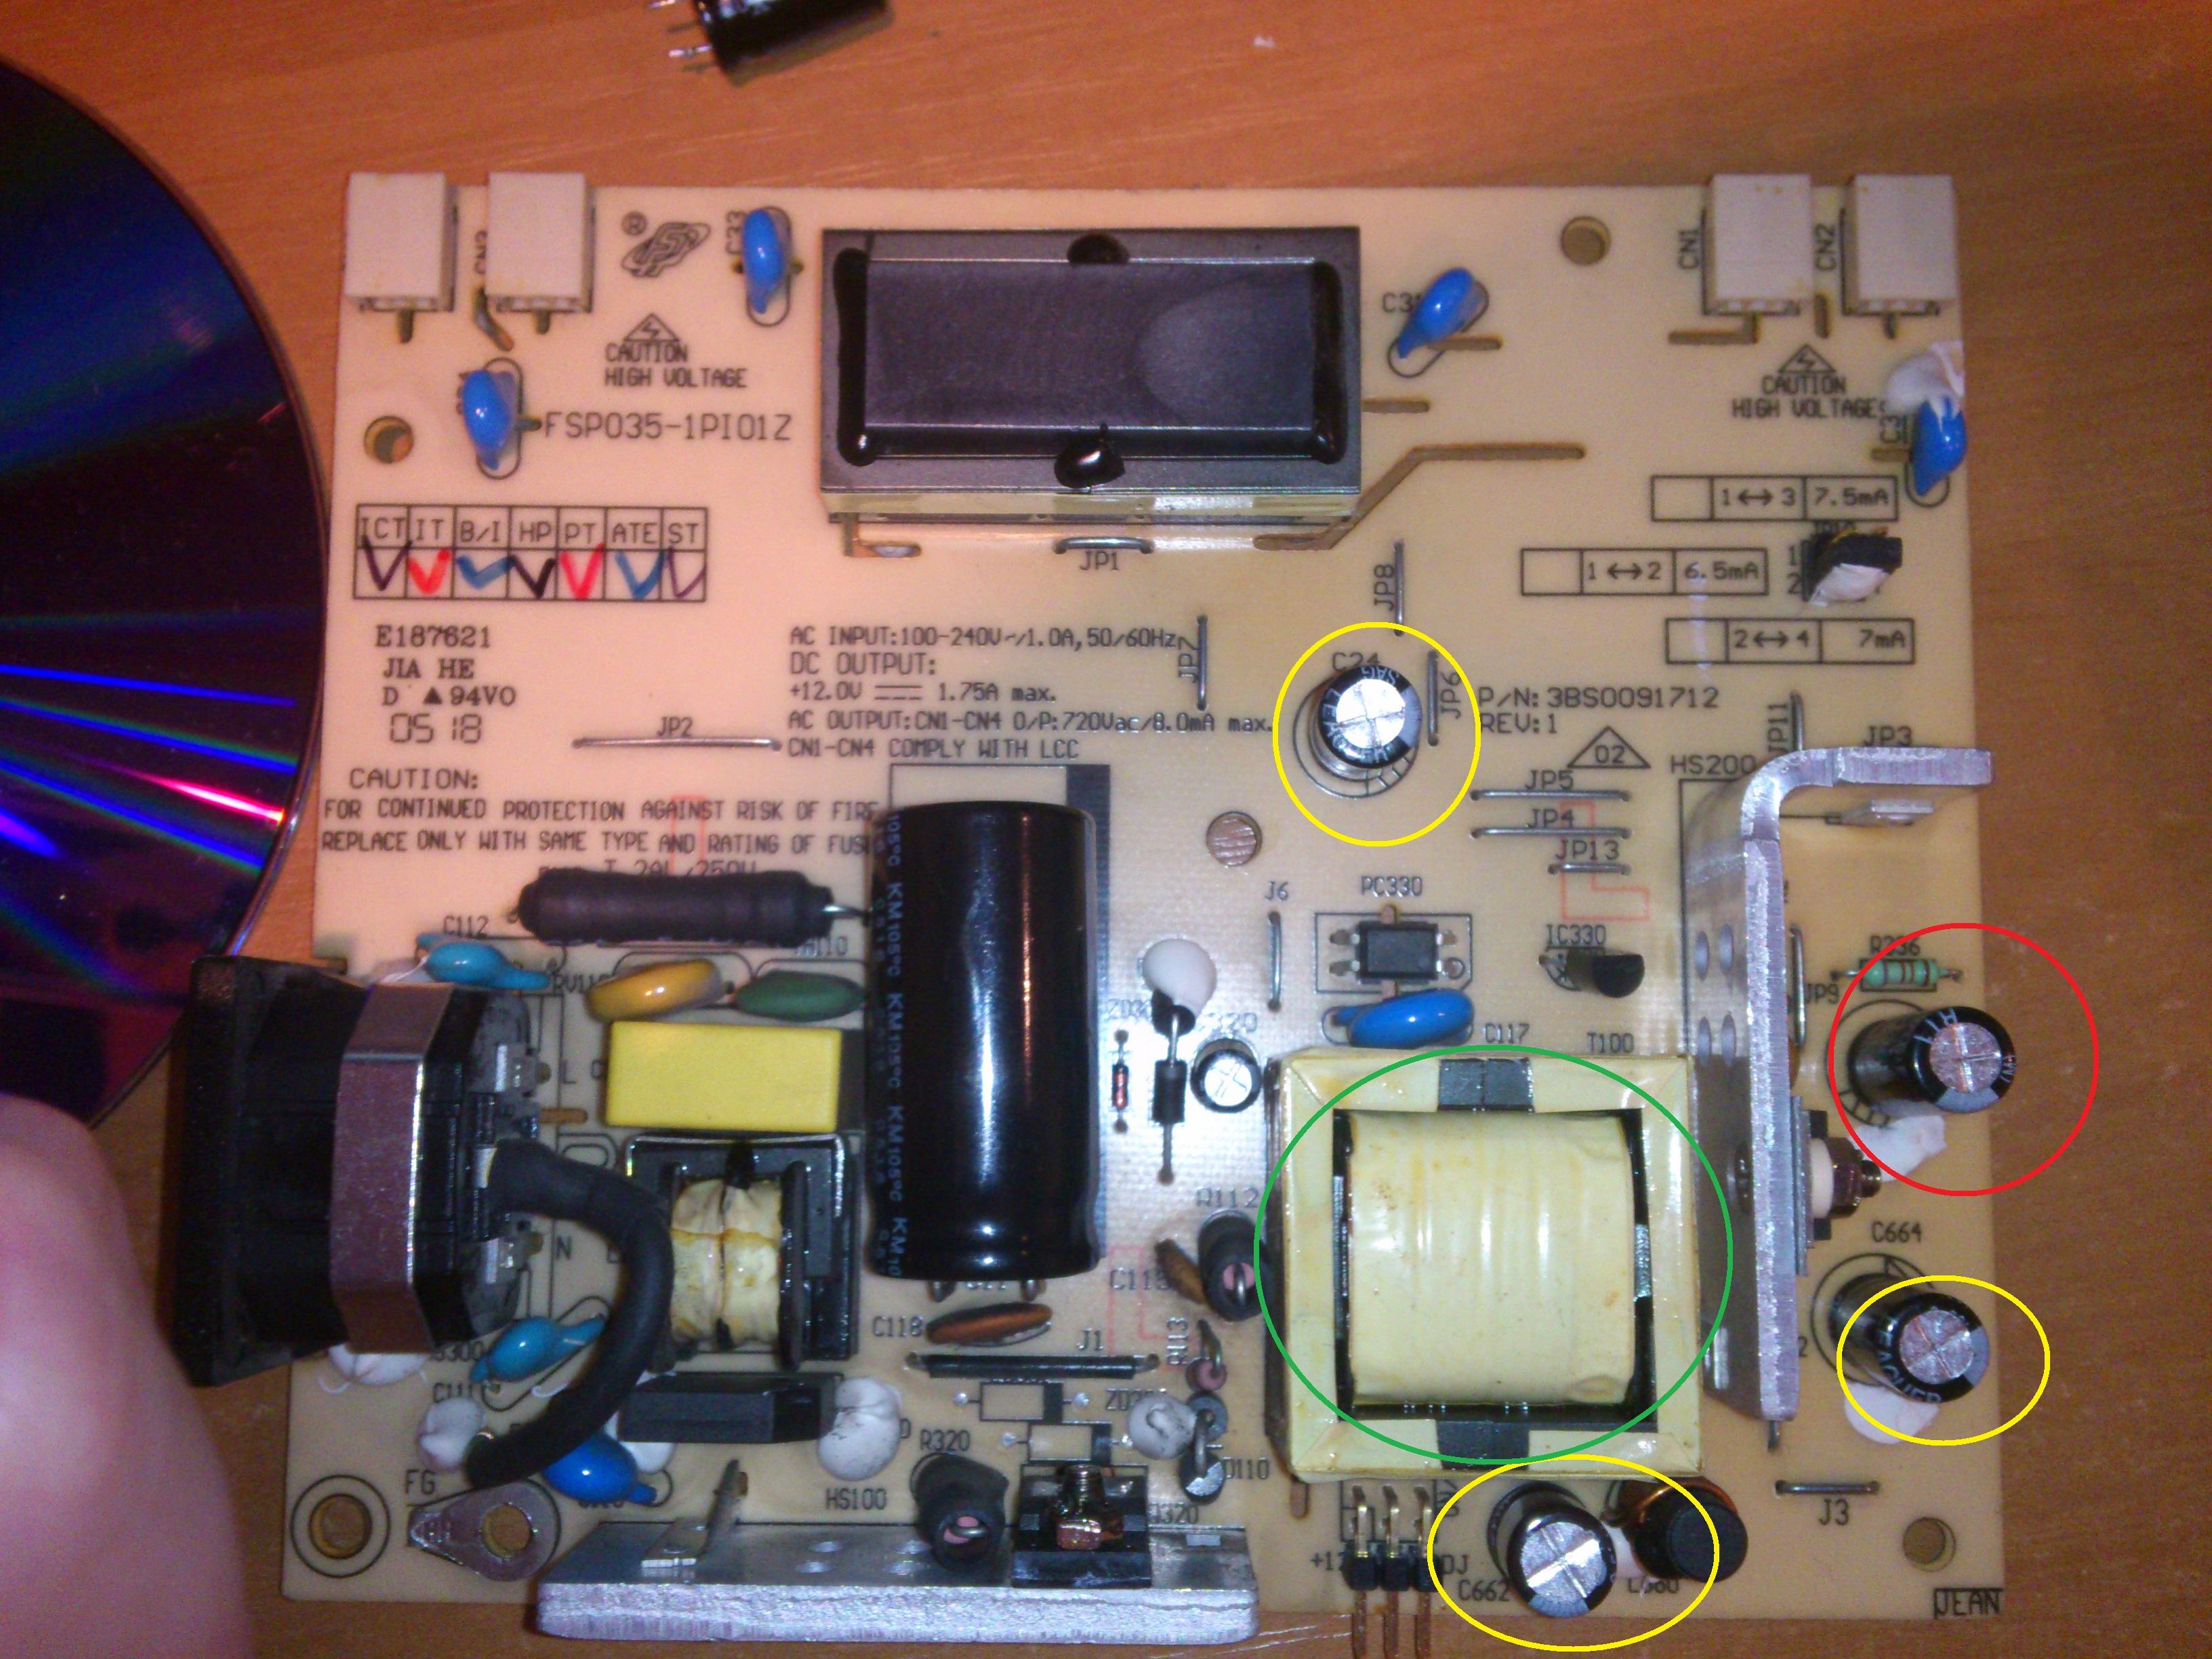 Belinea 10 19 02 - Monitor nie reaguje, nie �wieci si� nawet dioda.